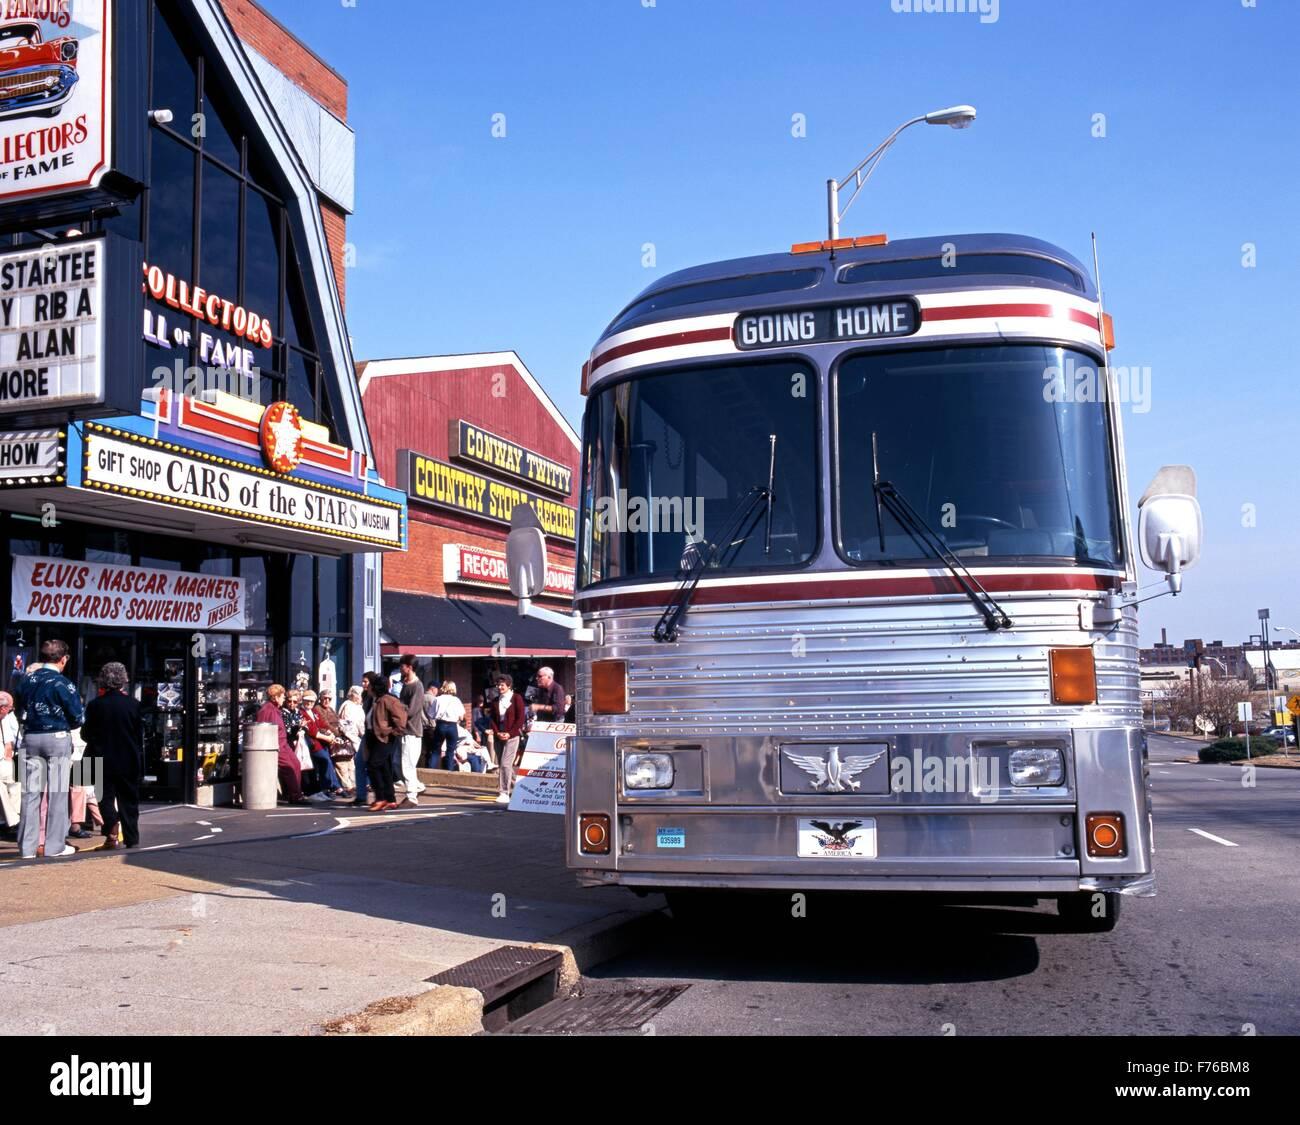 Excursión en autobús estacionado fuera de las tiendas y negocios a lo largo de la fila de música, Imagen De Stock